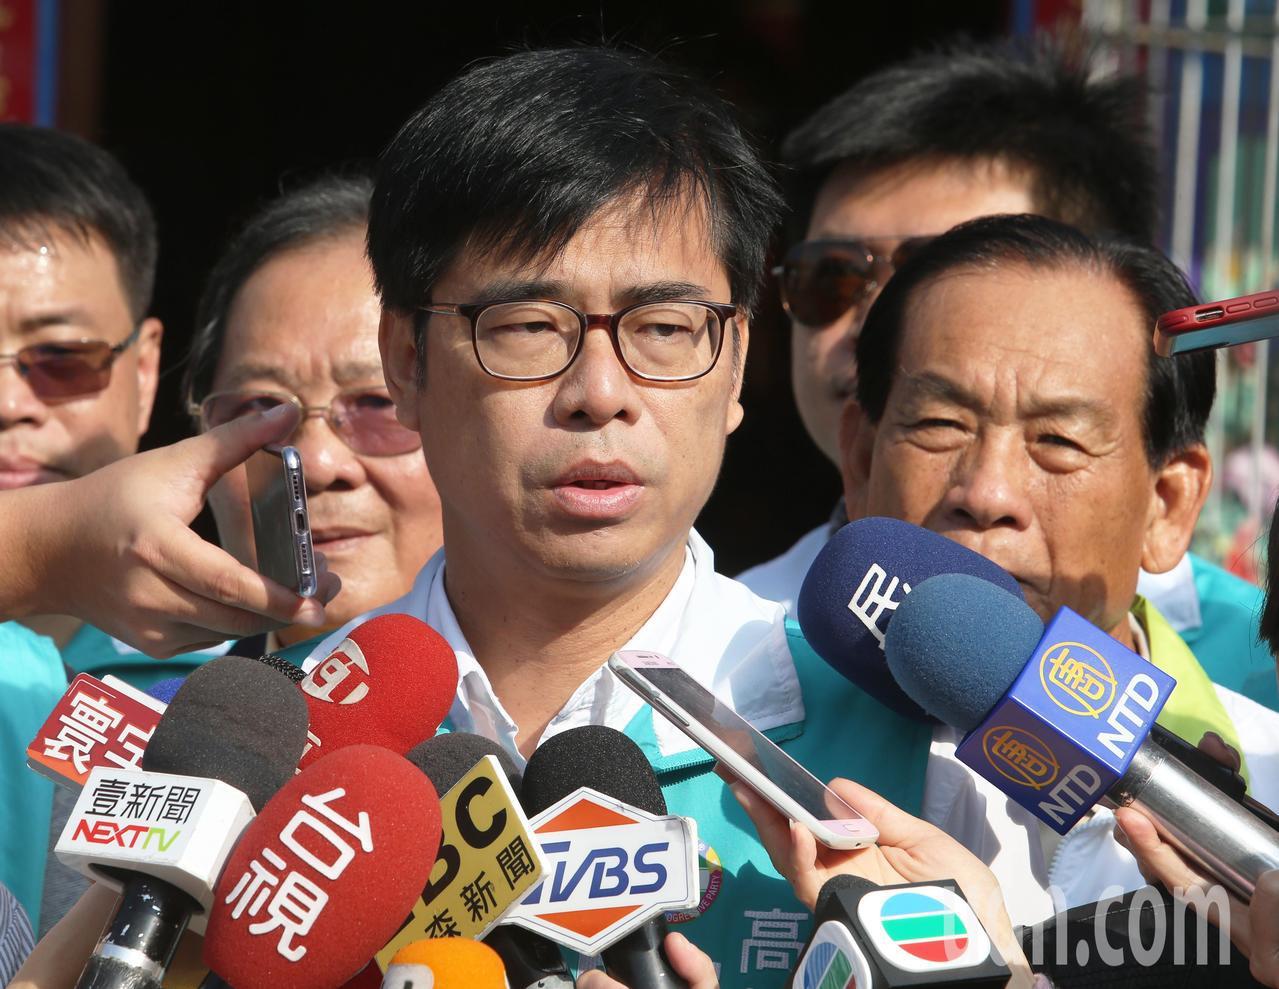 民進黨高雄市長候選人陳其邁最後衝刺。記者劉學聖/攝影